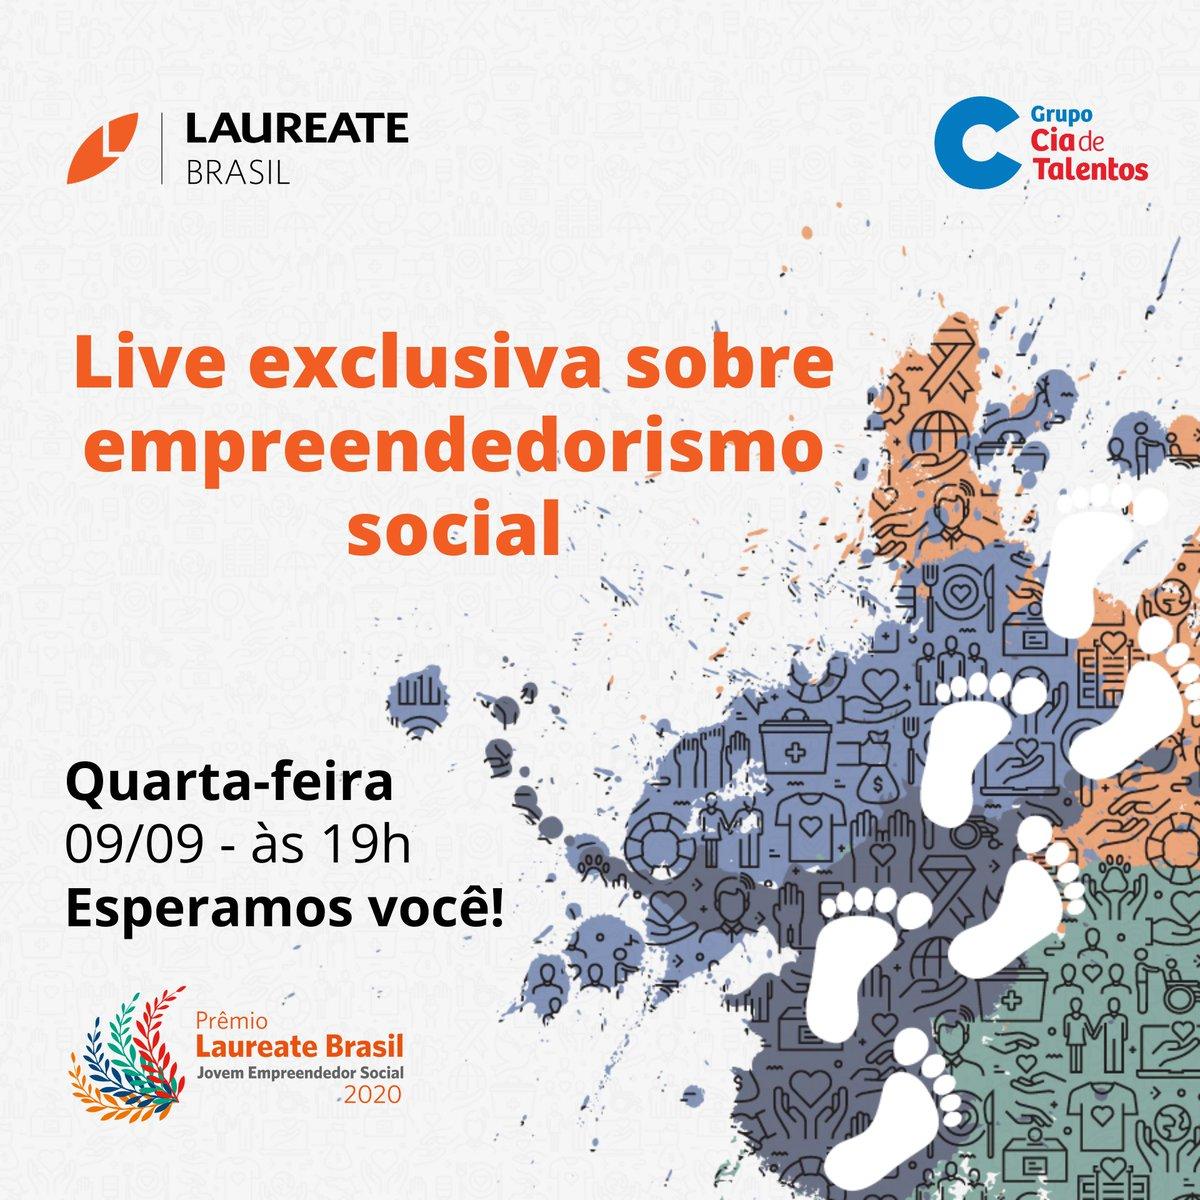 No dia 9/9, às 19h, receberemos duas ganhadoras do Prêmio Laureate Brasil - Empreendedorismo Social. A Juliana Freitas (Empreendescola) e Shirley Schneider (Projeto Joule) vão falar sobre seus respectivos projetos e como foi participar da premiação: https://t.co/A0jx2L9aeK https://t.co/y1QmcY236g